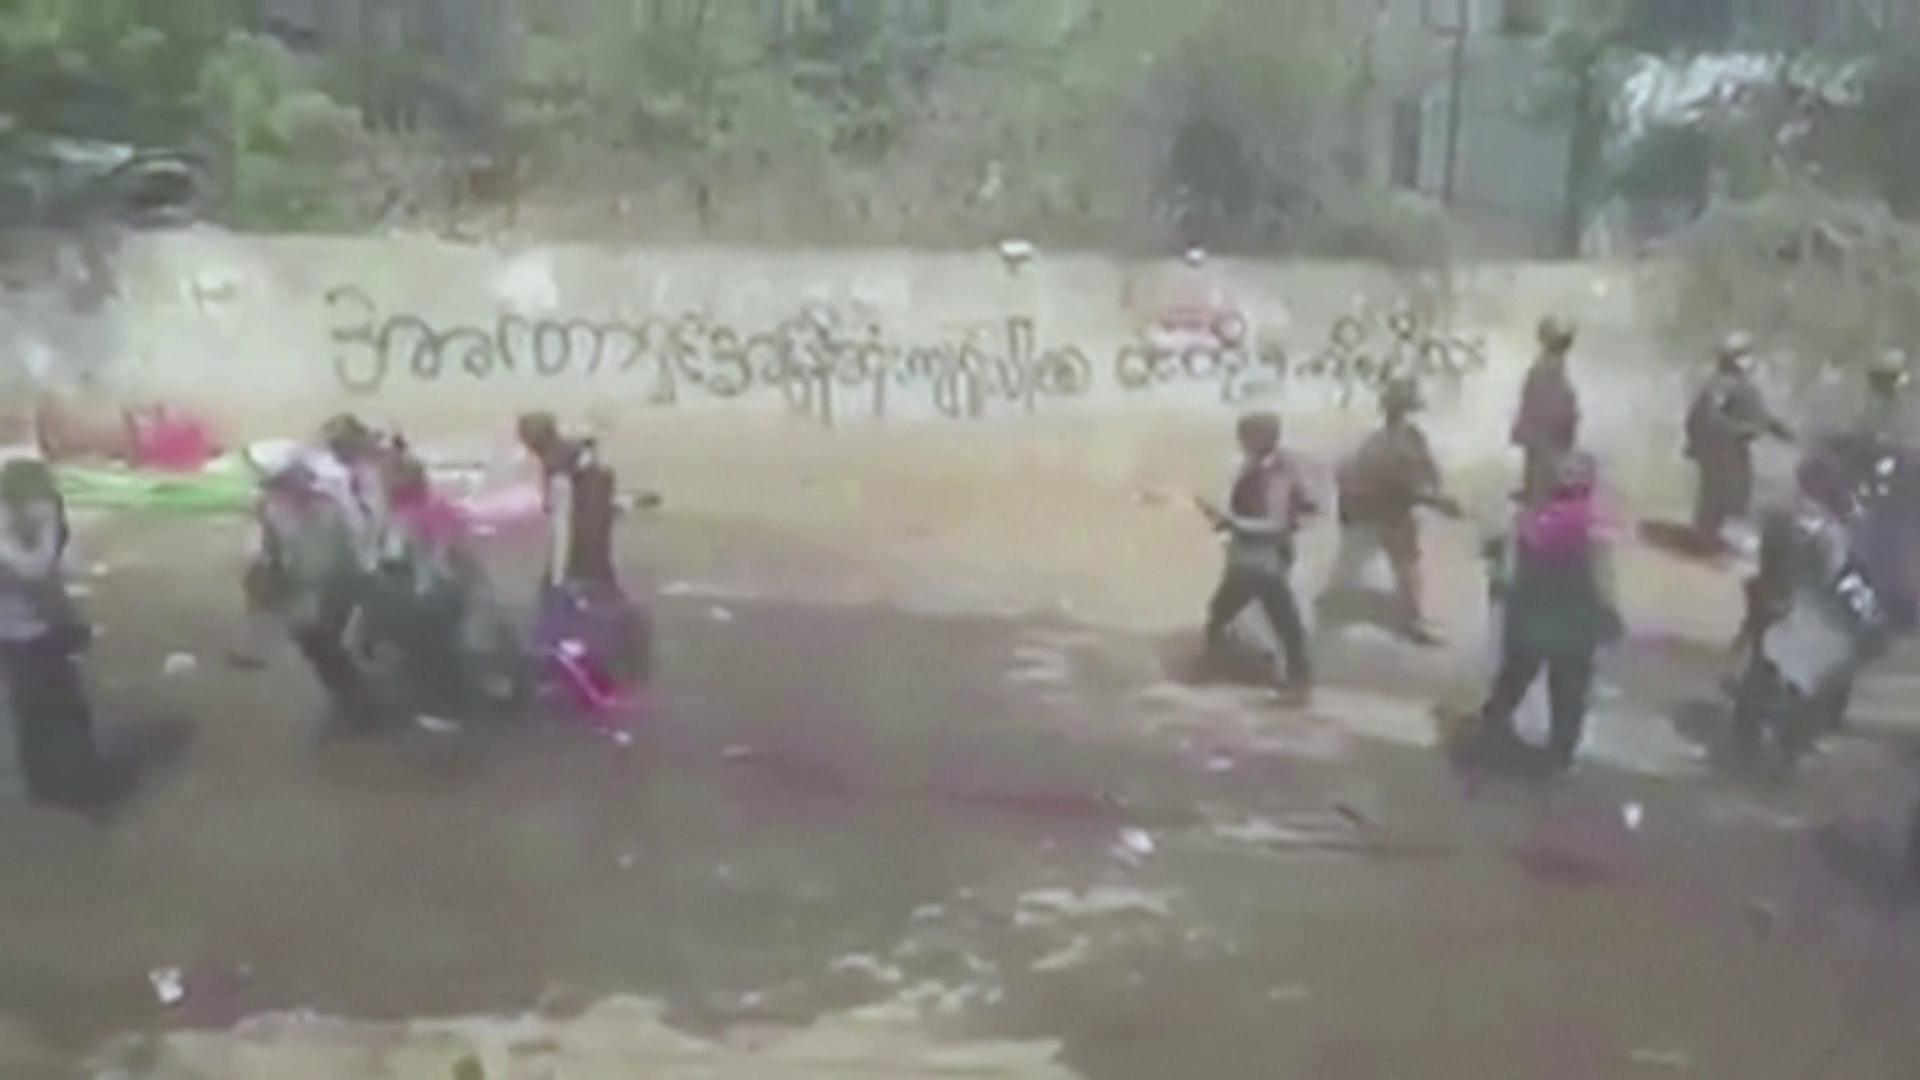 Soldados carregam corpo de manifestante baleado durante protesto em Mianmar